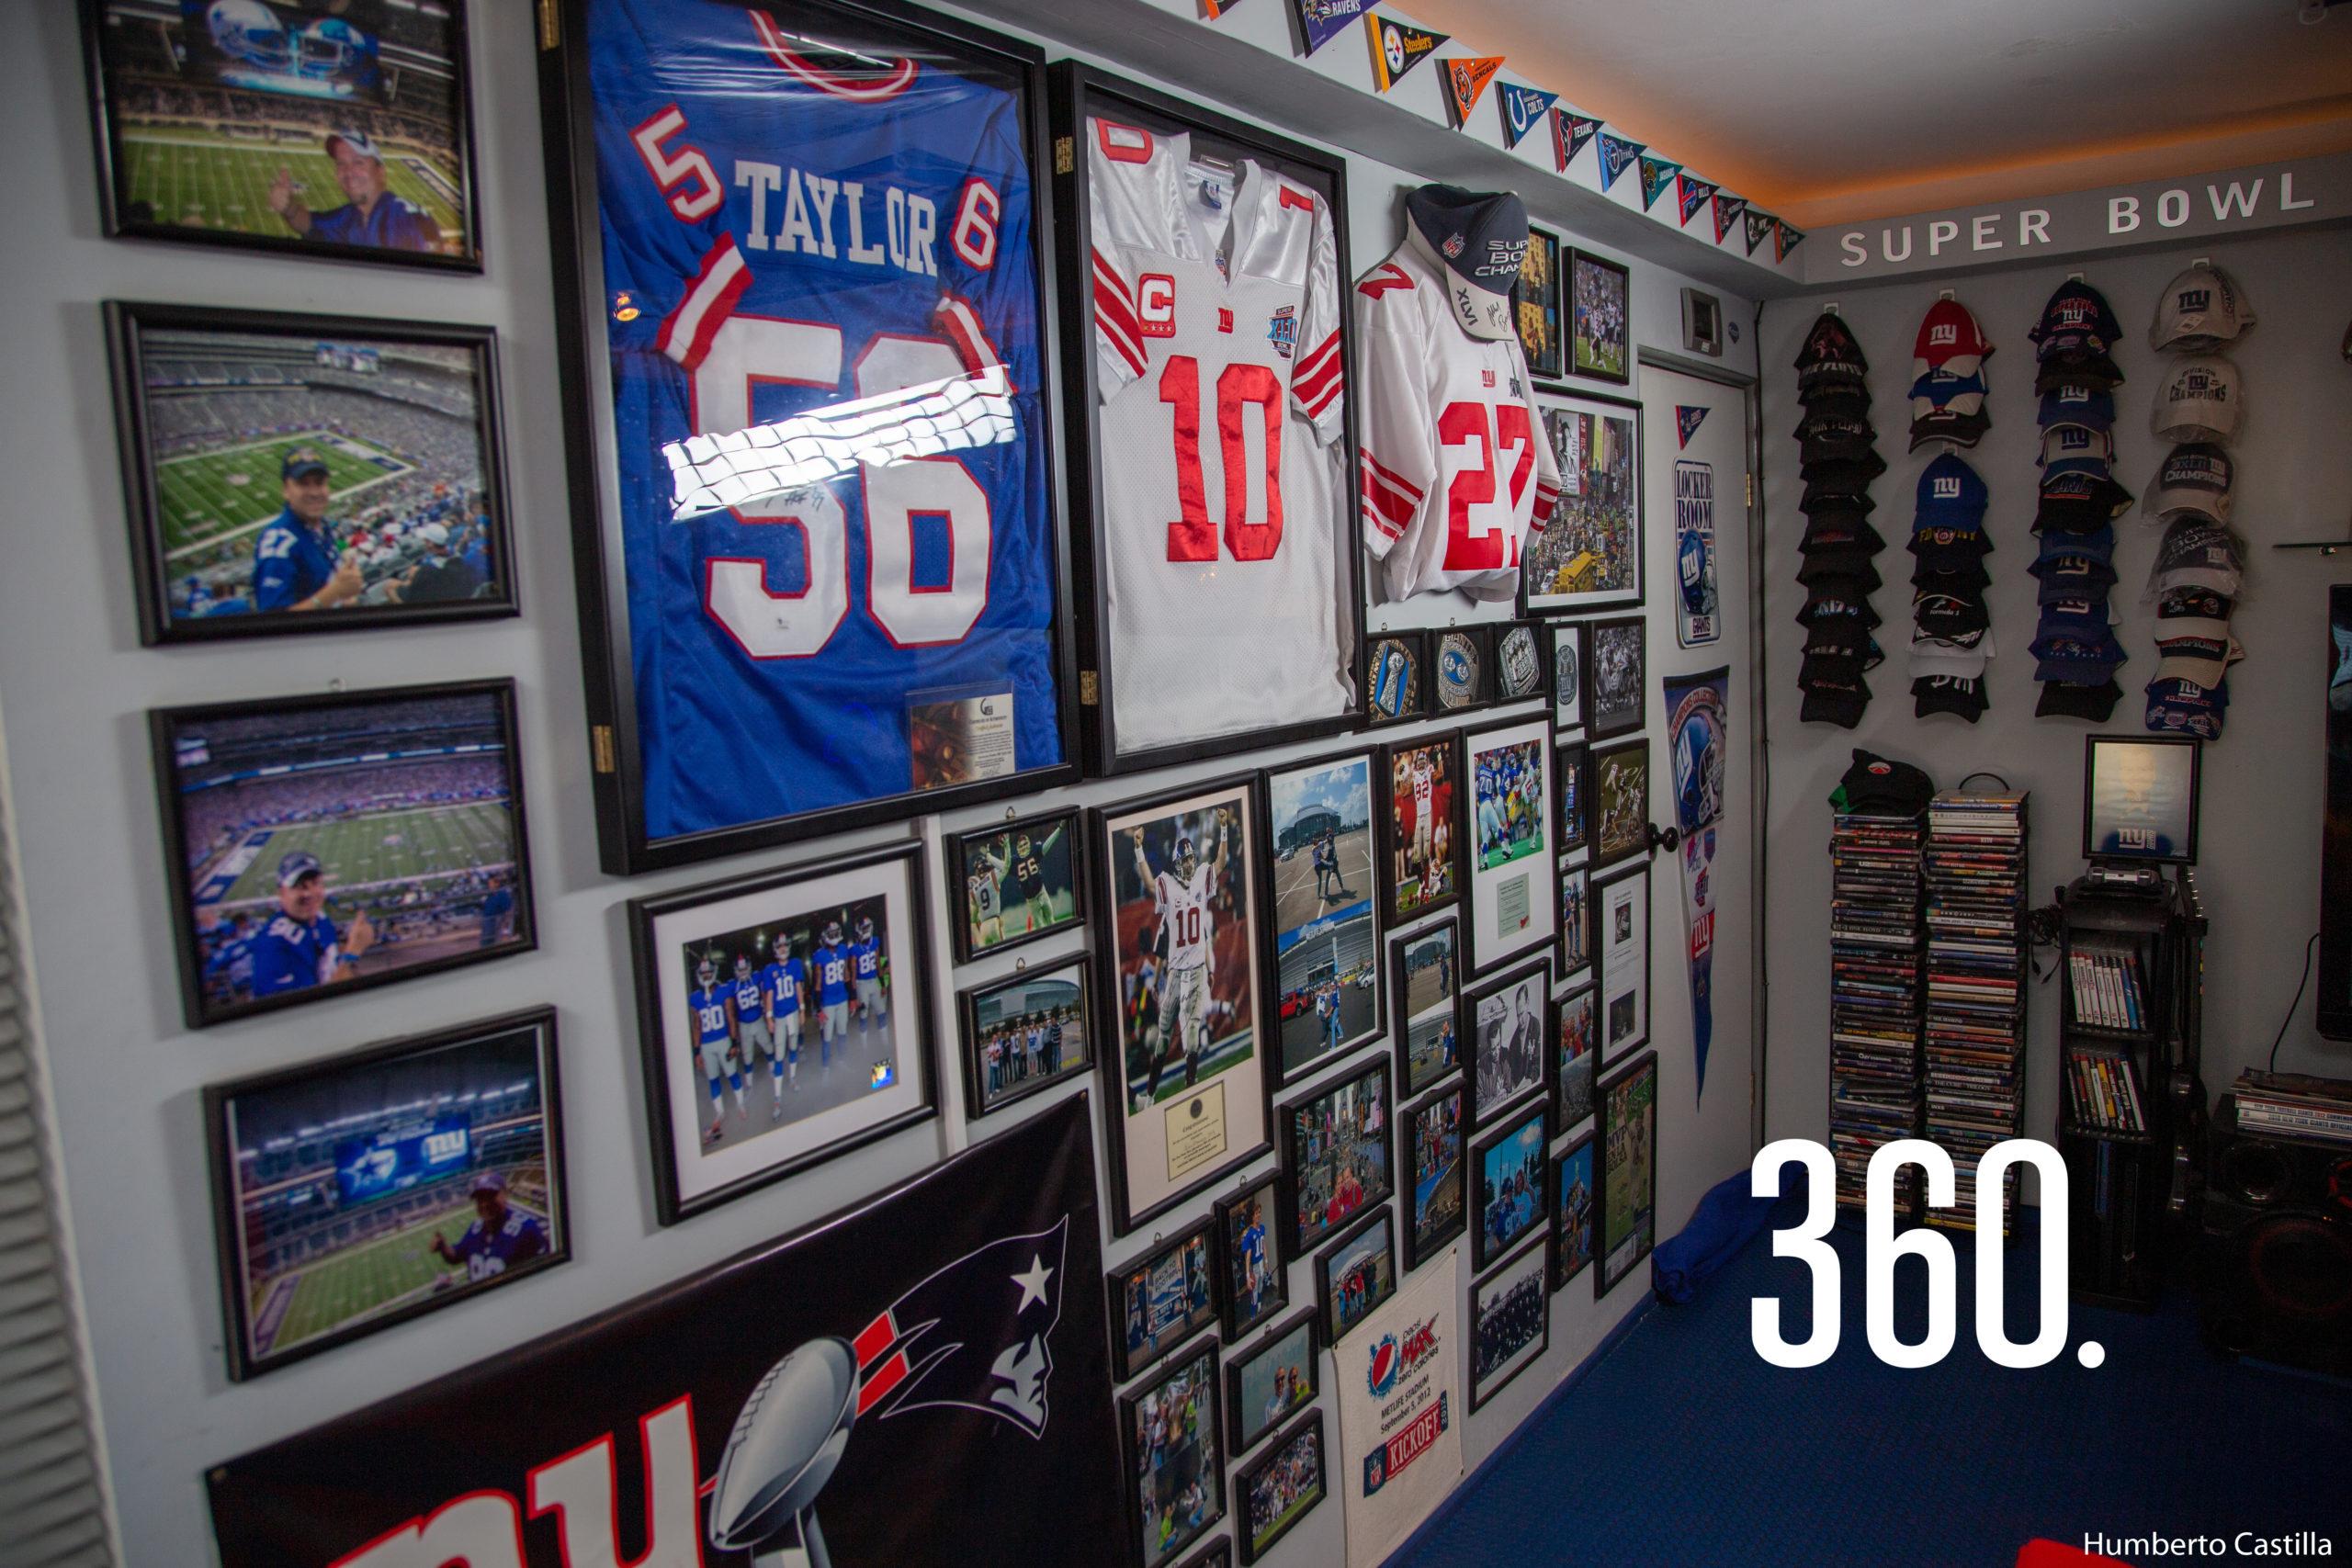 Su colección se compone de más de 300 piezas, entre cascos, jerseys, trofeos, entre otros objetos.